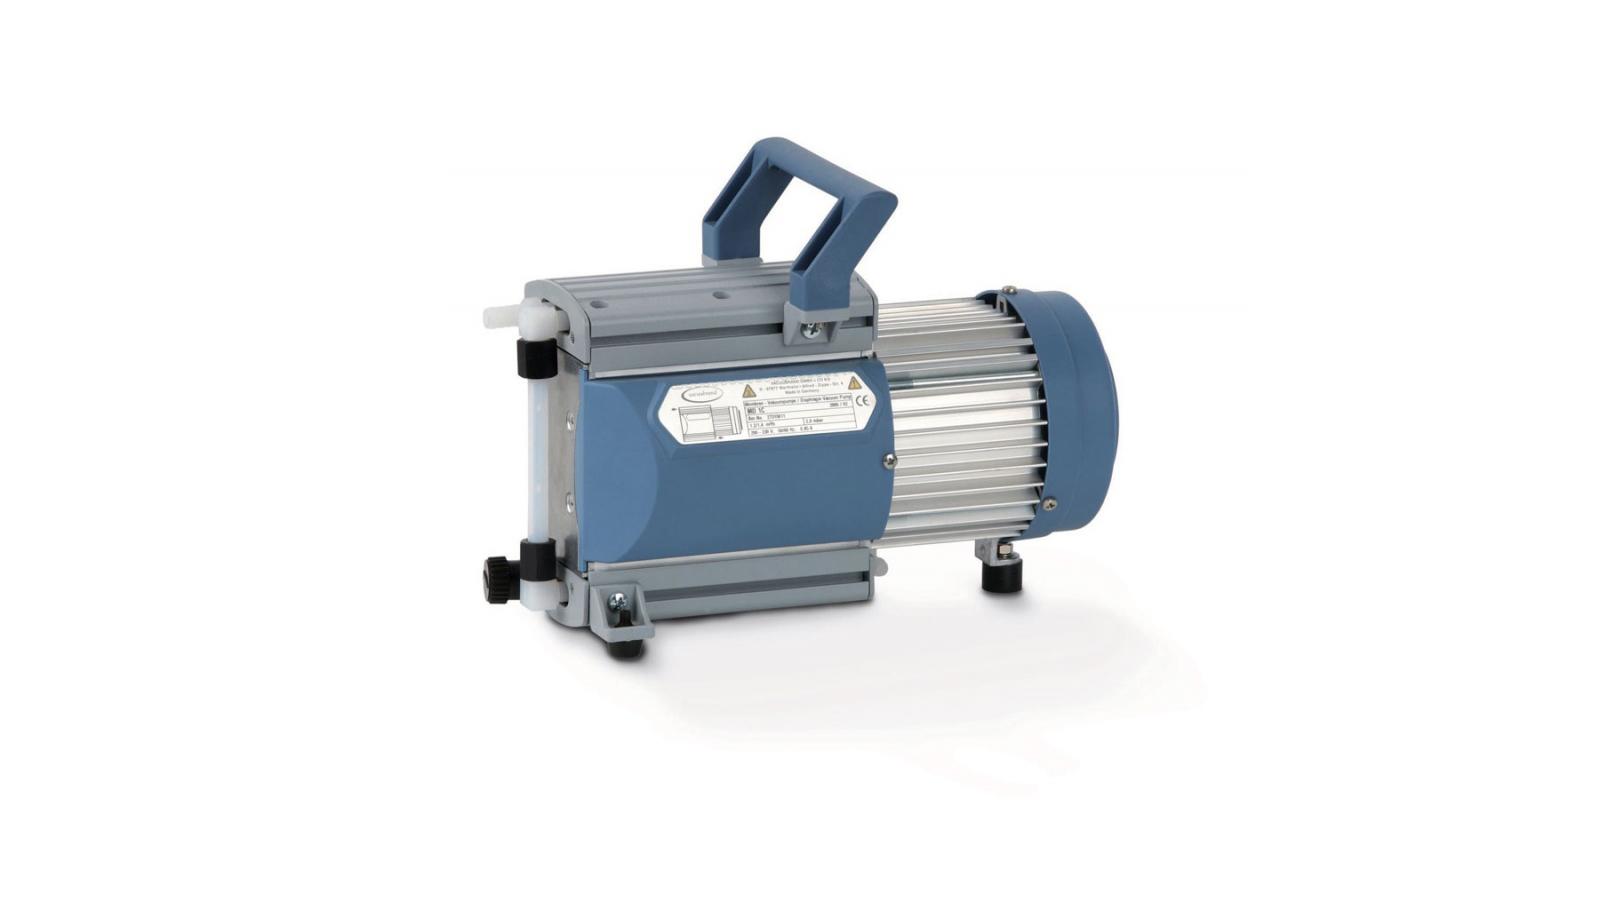 Vacuubrand MD 1 C Vakum Pompası || Merlab Laboratuvar Ekipmanları